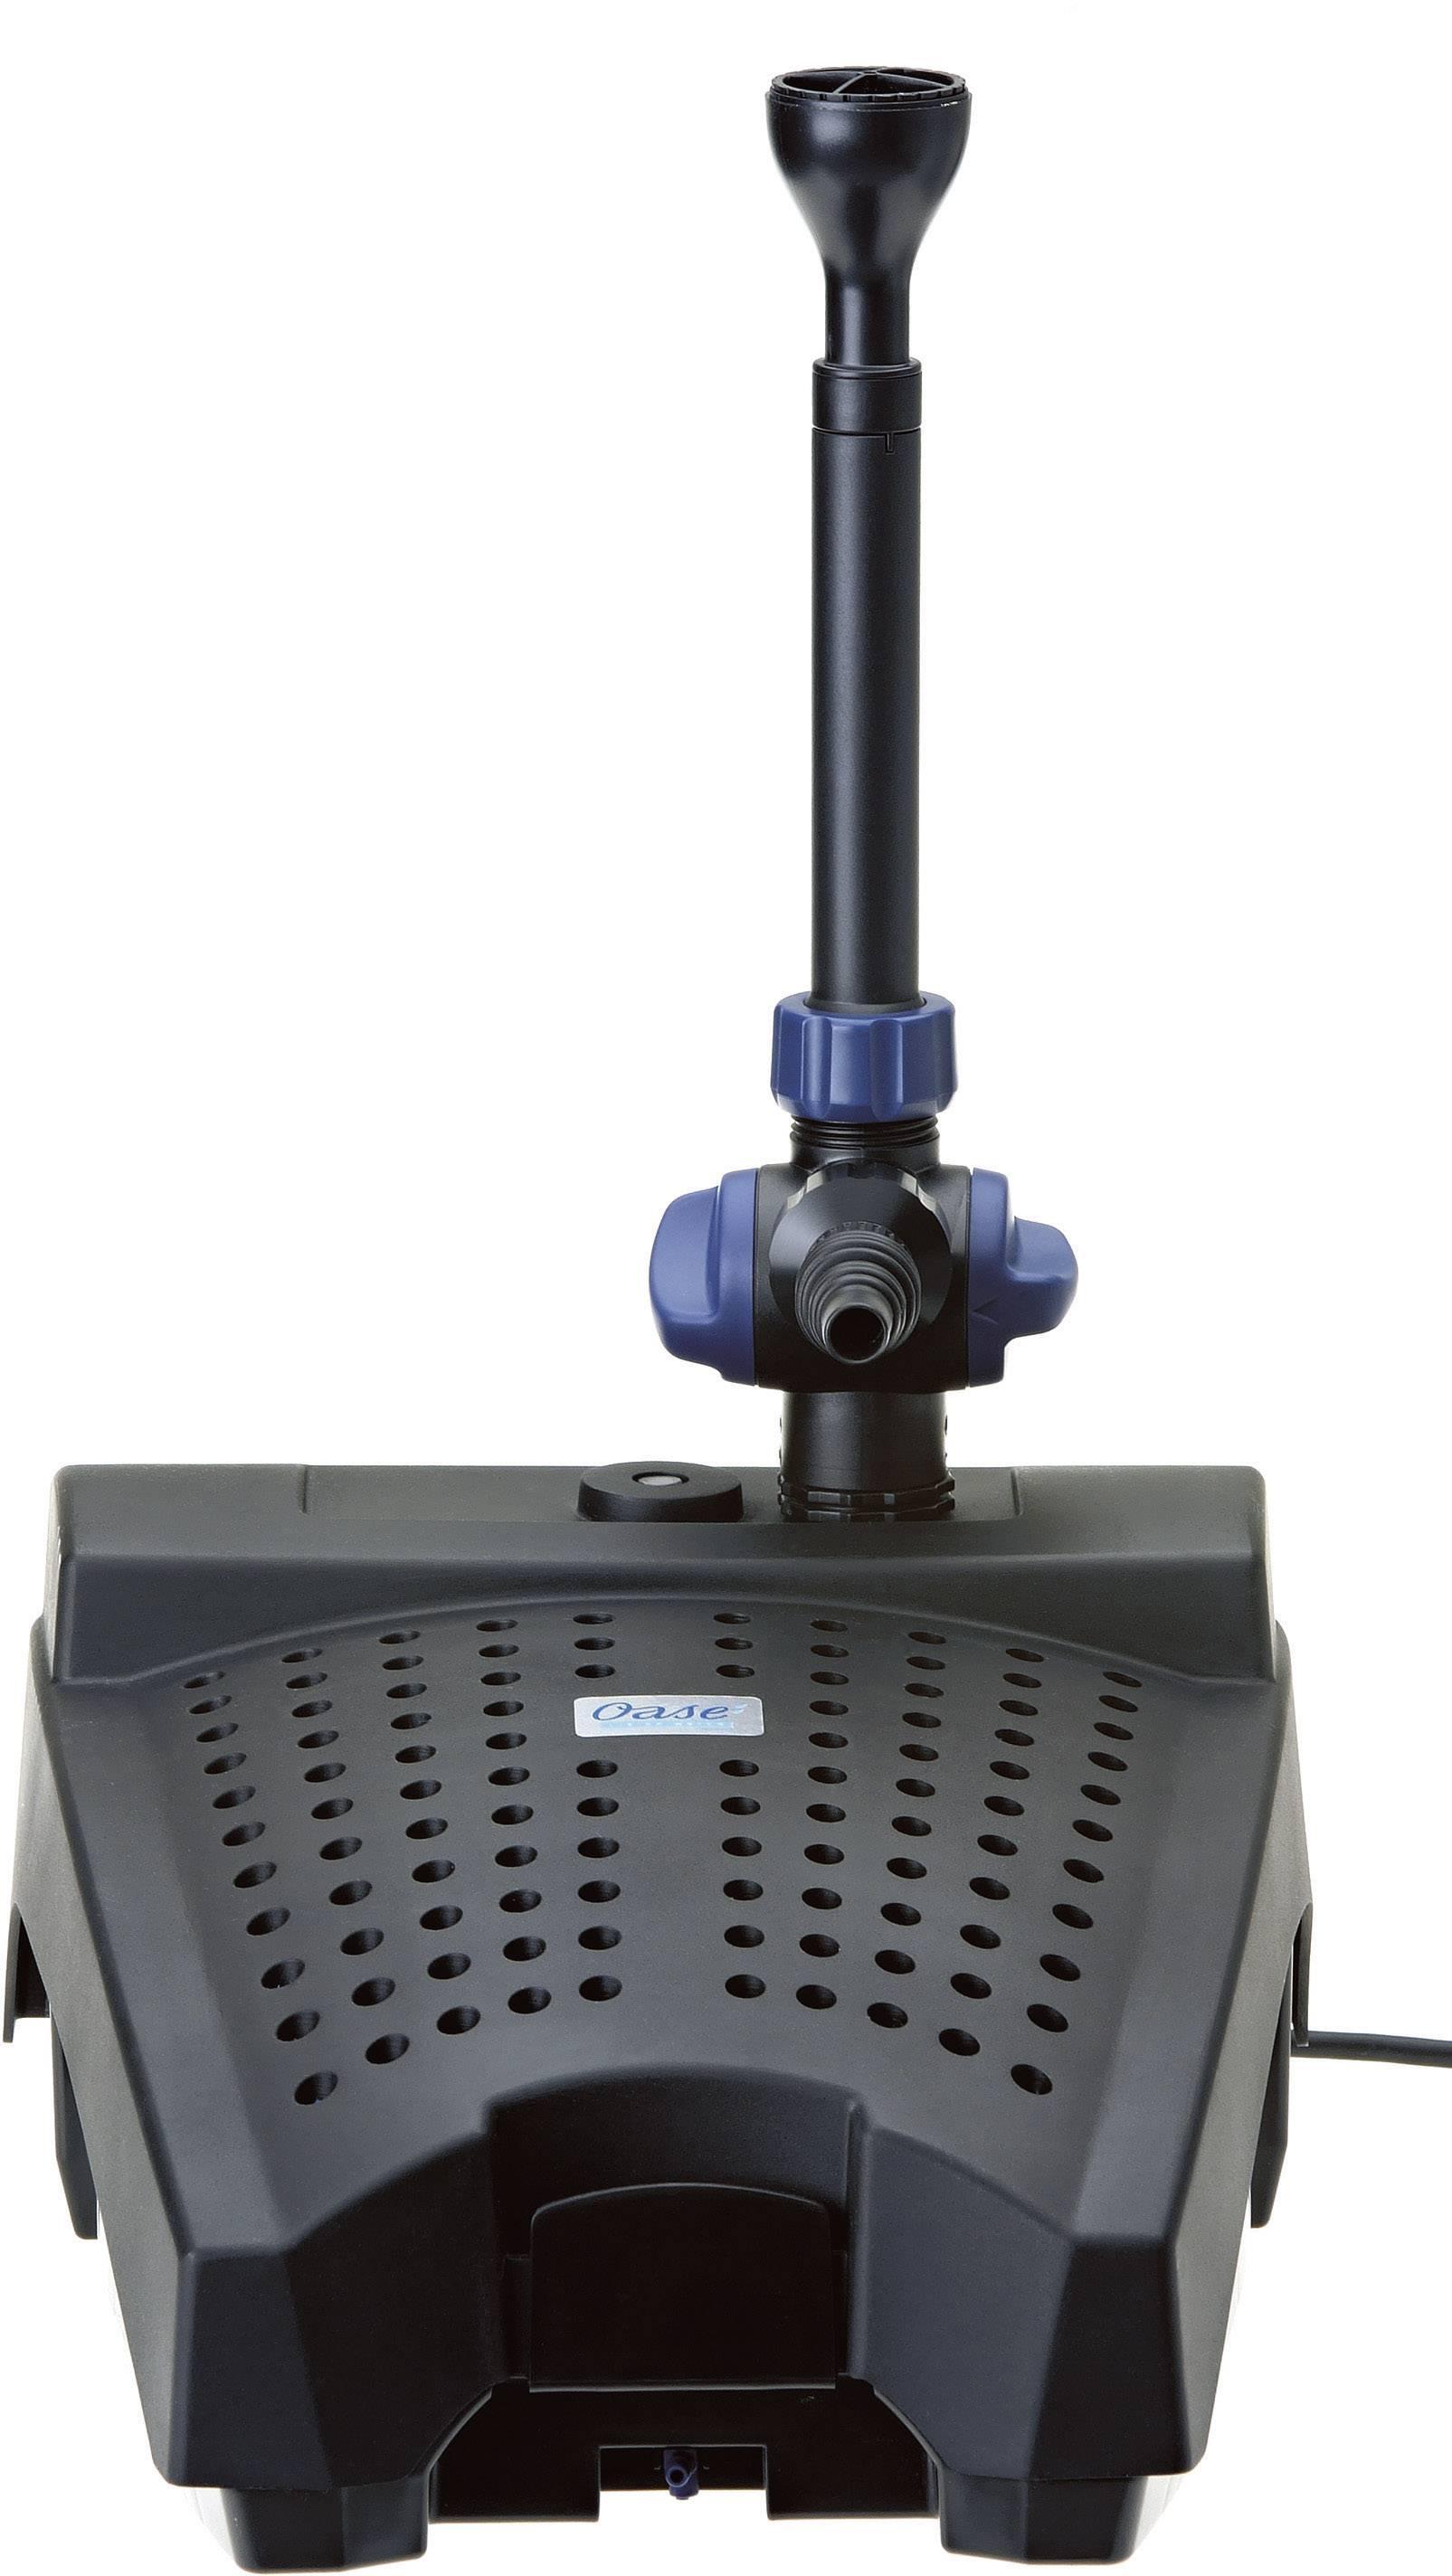 Tlakový filter pre jazierka Oase Filtral 5000 UVC, 35 W